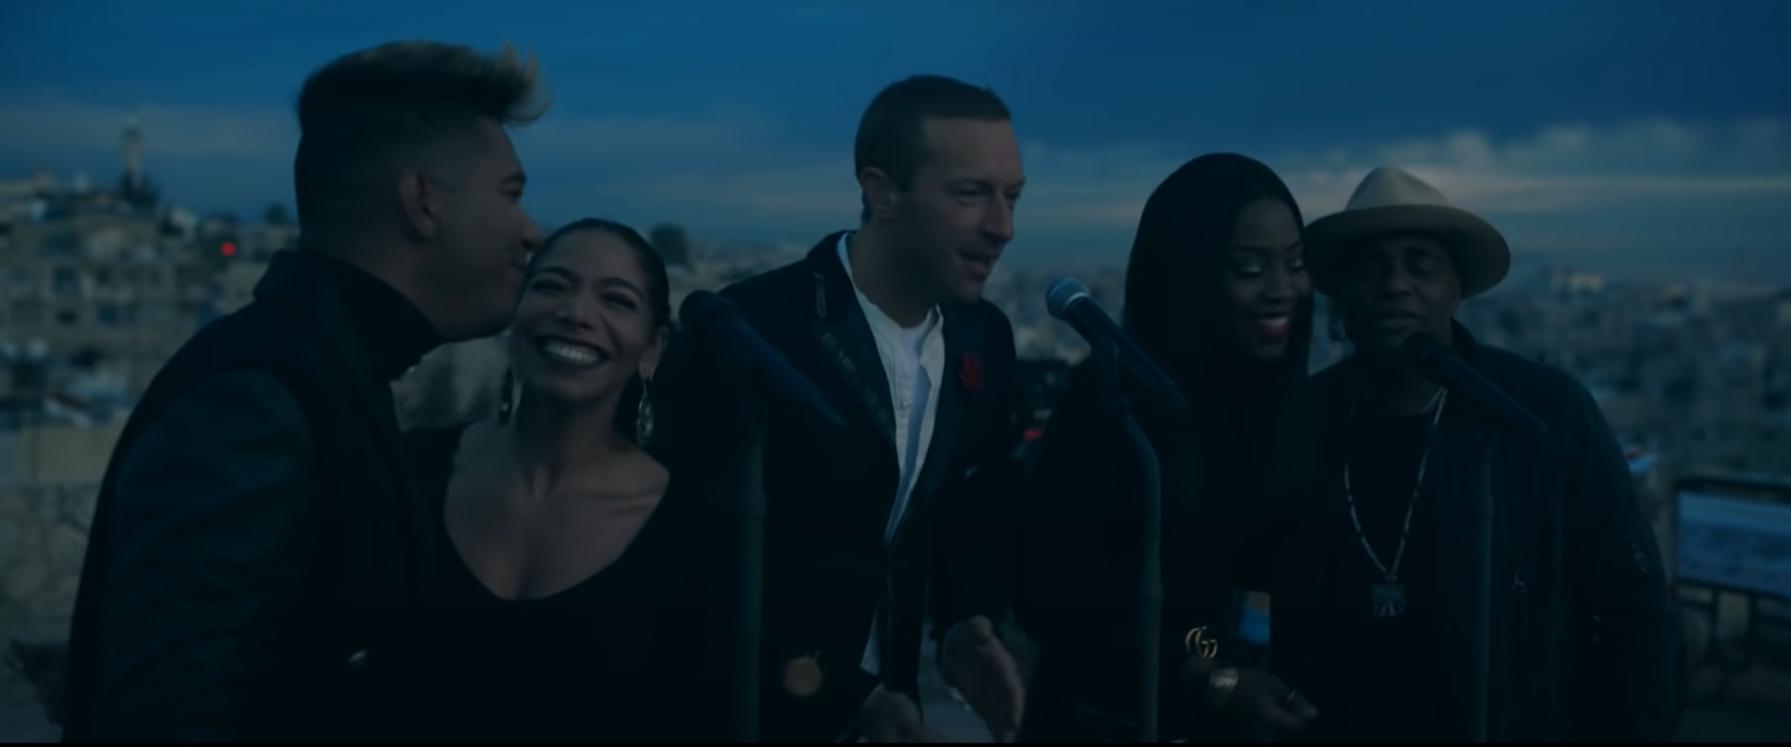 Imagem da apresentação que Coldplay fez ao vivo do disco Everyday Life. Na fotografia, o vocalista Chris Martin está ao centro, na frente de um microfone, cantando. Ao lado esquerdo dele, estão dois cantores, primeiro, à esquerda da imagem, um homem negro de cabelo liso e logo depois uma mulher, também negra, de cabelos presos, batom escuro e sorridente. Eles dividem um microfone, que está logo na frente deles. Então, à direita de Chris Martin, estão mais outros dois cantores. Primeiro, uma mulher negra, de cabelos lisos soltos, e depois, na extremidade direita da imagem, um homem, que usa um chapéu marrom. Eles também dividem um microfone e sorriem enquanto cantam. Ao fundo da imagem, está a cidade e o céu, ainda meio escuro por conta do amanhecer.